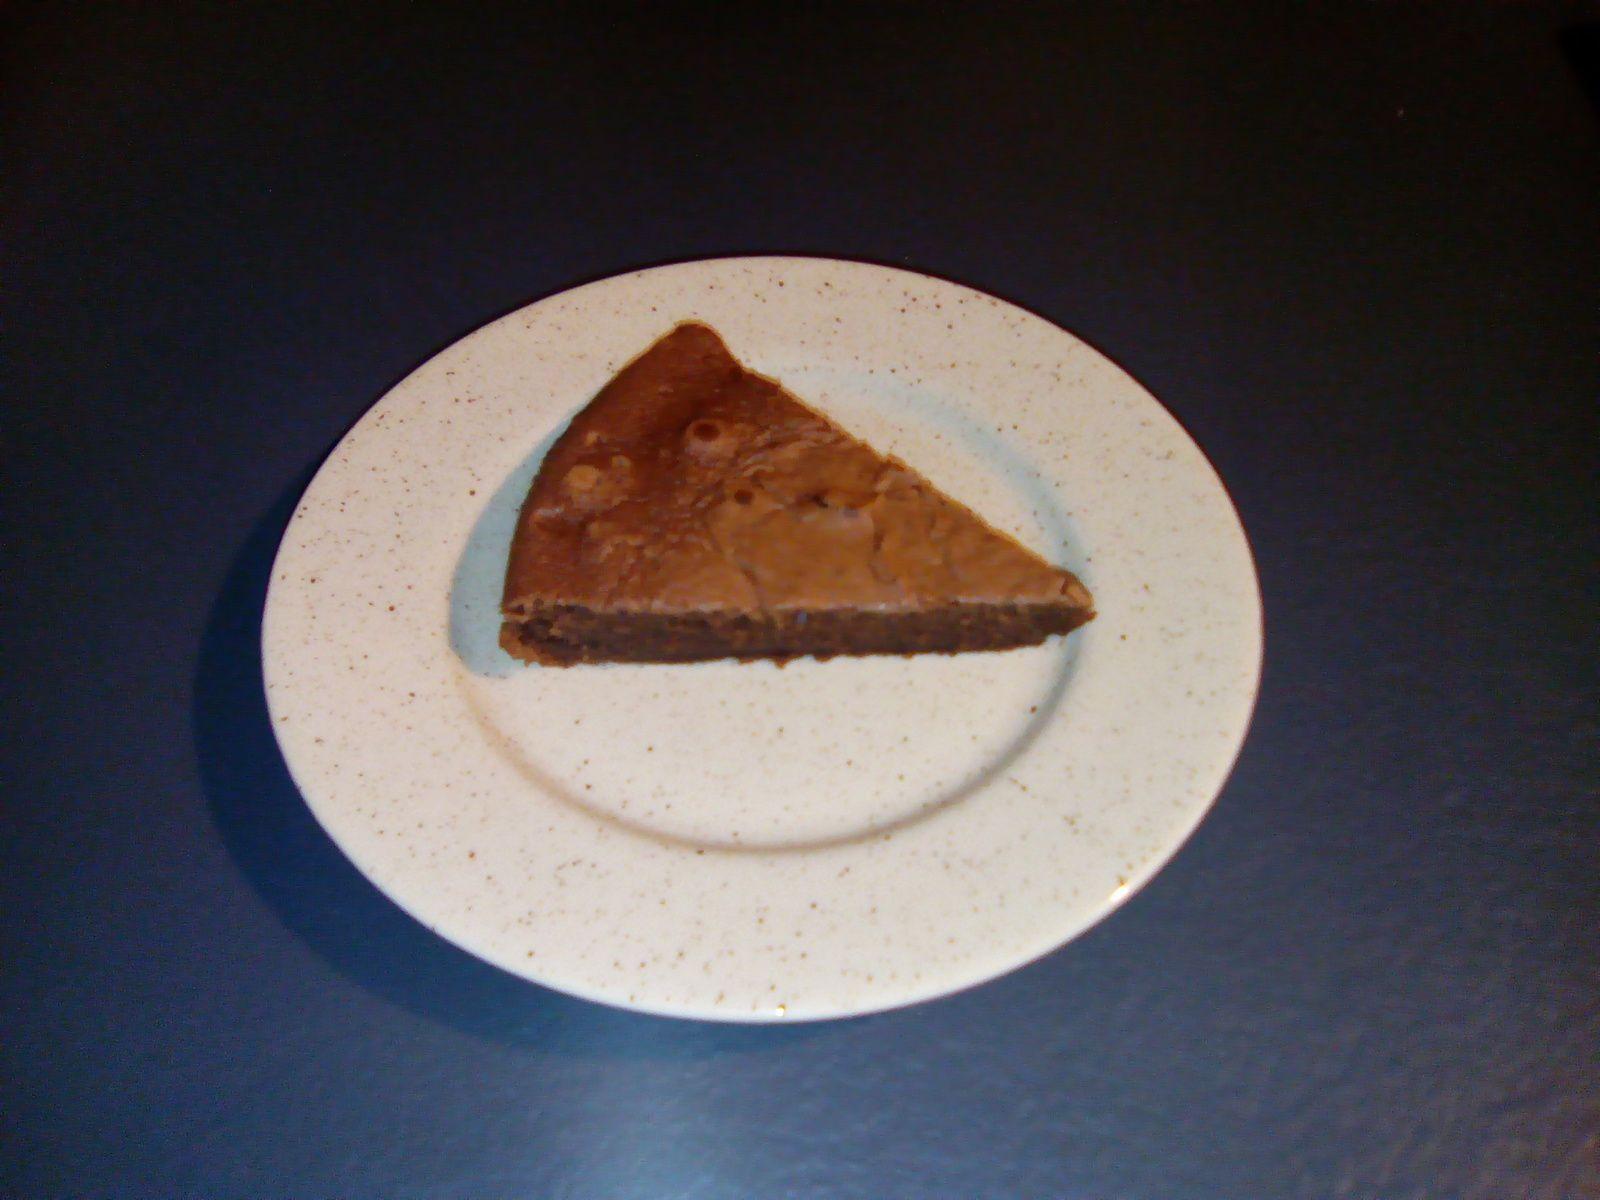 Gâteau light au chocolat sans beurre (remplacé par compote de pommes)